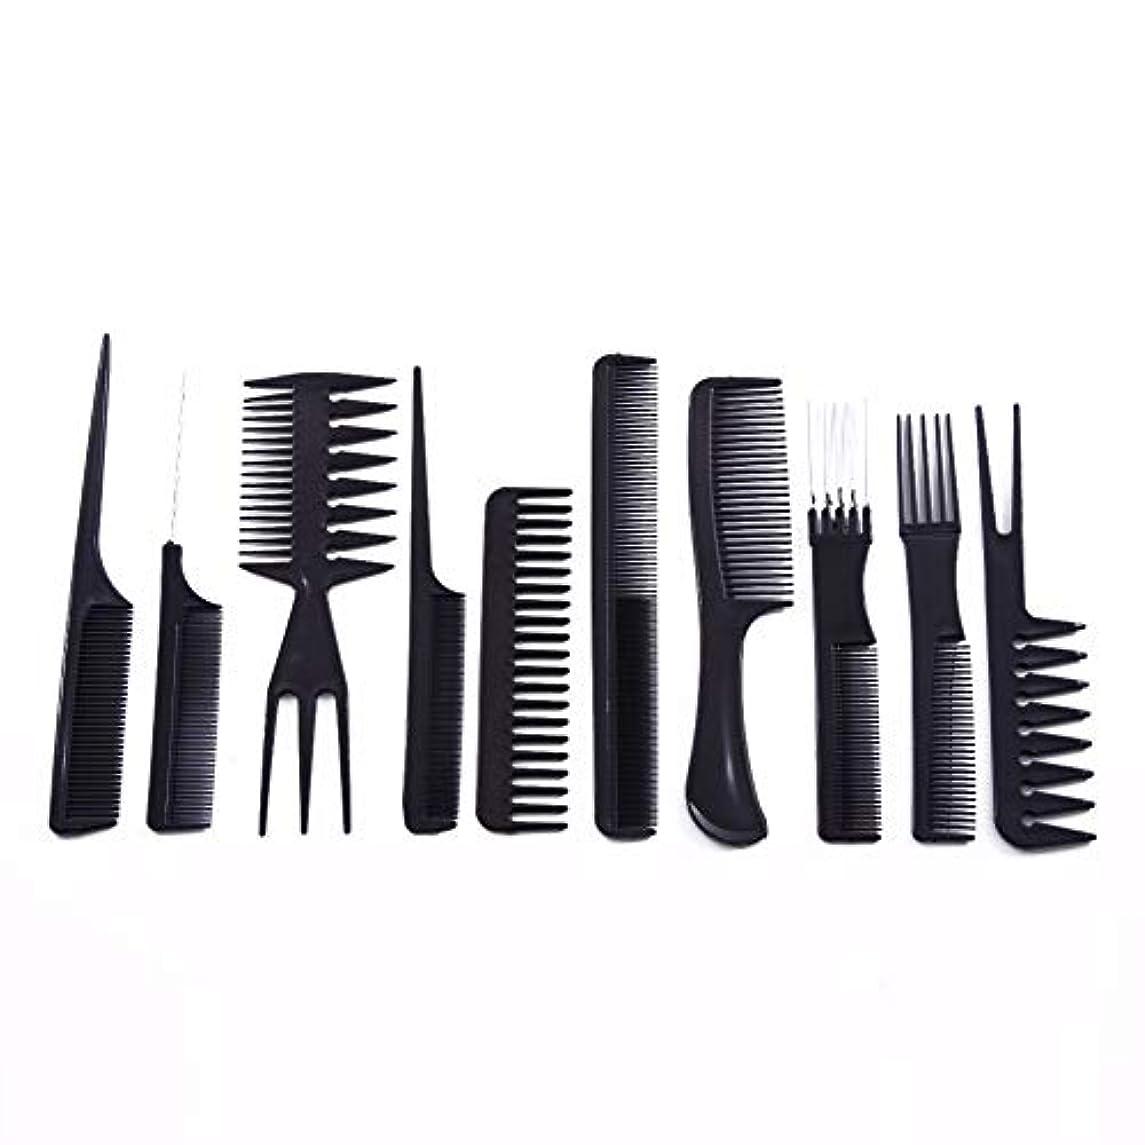 設置リングレットムスタチオ10ピース/セットプロのヘアブラシ櫛サロン理容帯電防止ヘアコームヘアケアスタイリングツール用すべての髪タイプ